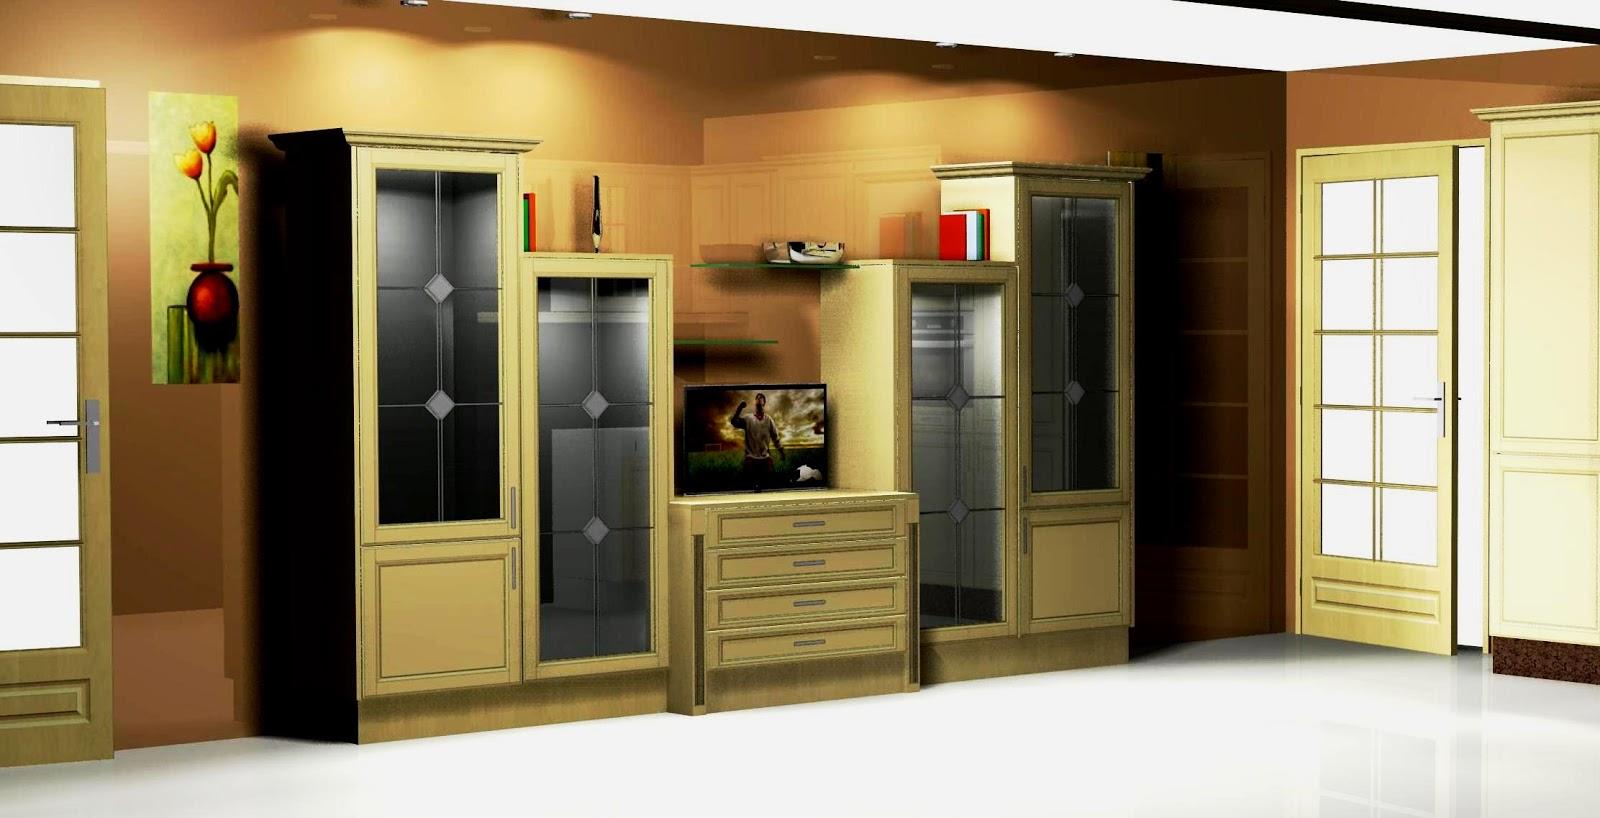 MI COCINA: Diseño de cocina en madera roble. Acabado blanco velado